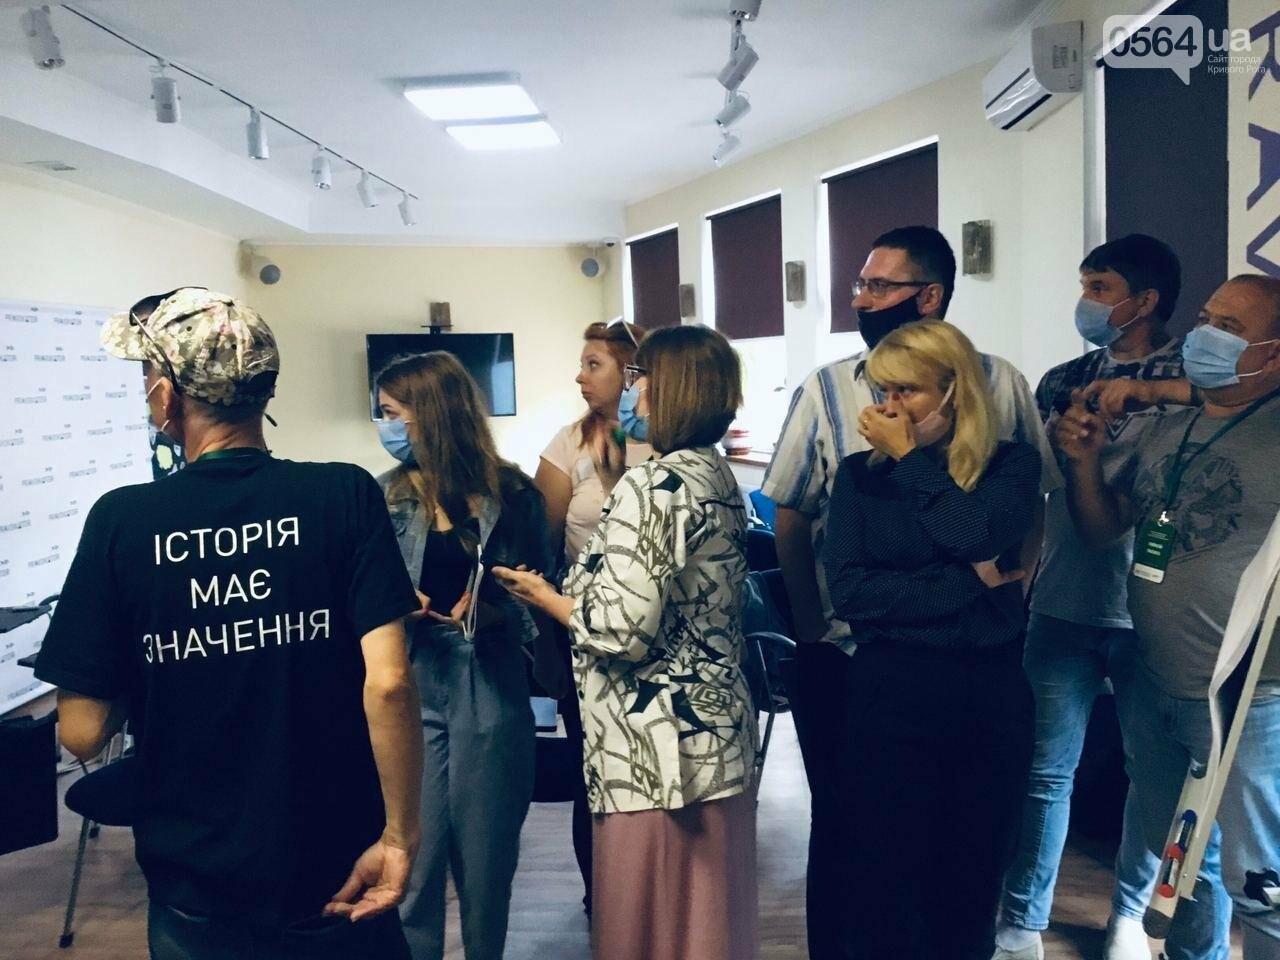 """""""История имеет значение"""": журналистов во Львове учили, как освещать предоставление бесплатной правовой помощи, - ФОТО, ВИДЕО, фото-31"""